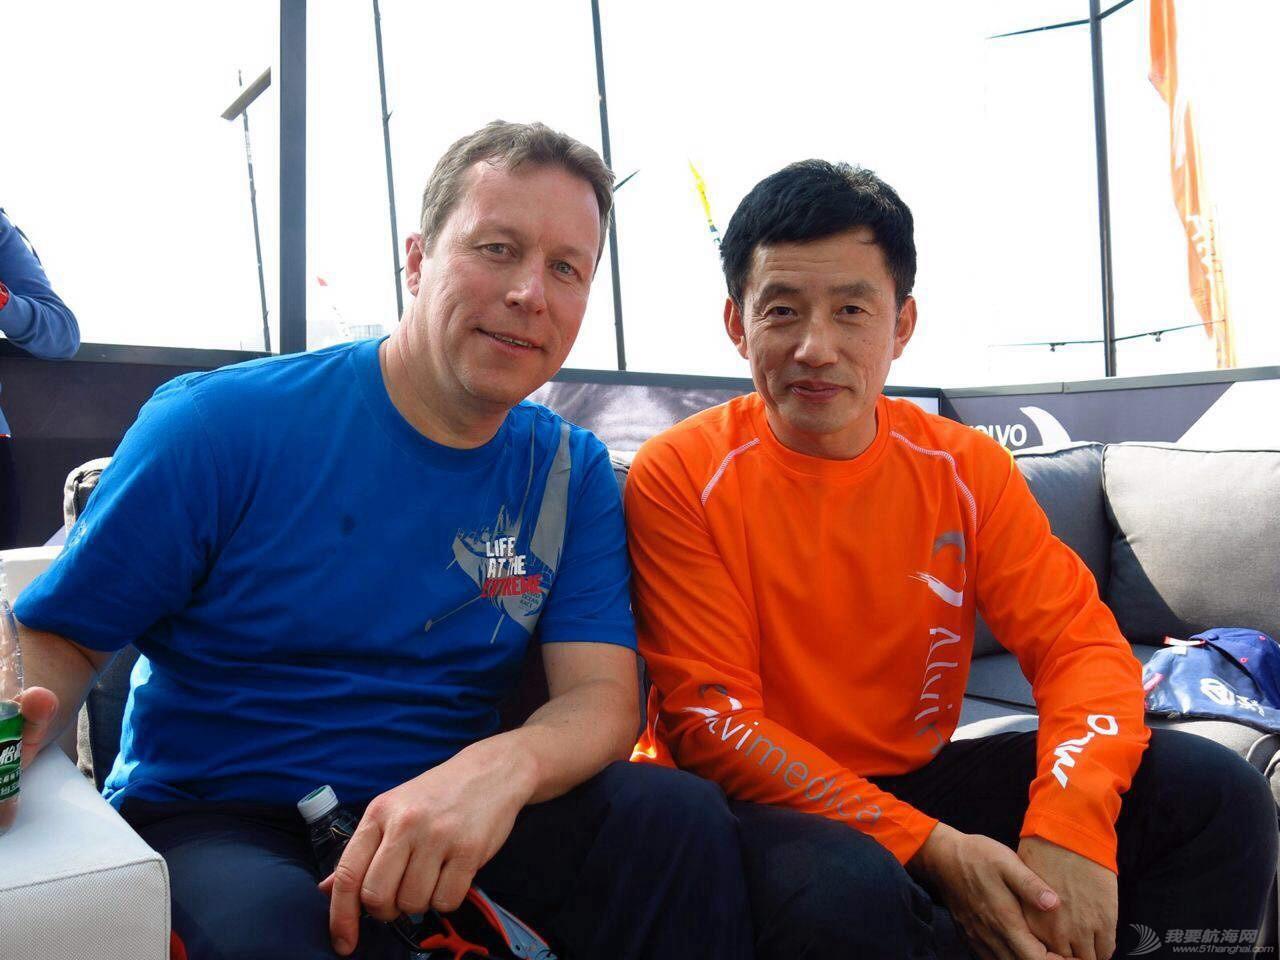 沃尔沃,奥运奖牌,团队管理,人员管理,常用软件 沃尔沃环球帆赛的船上通用岗位职能大全 IMG_6779.JPG